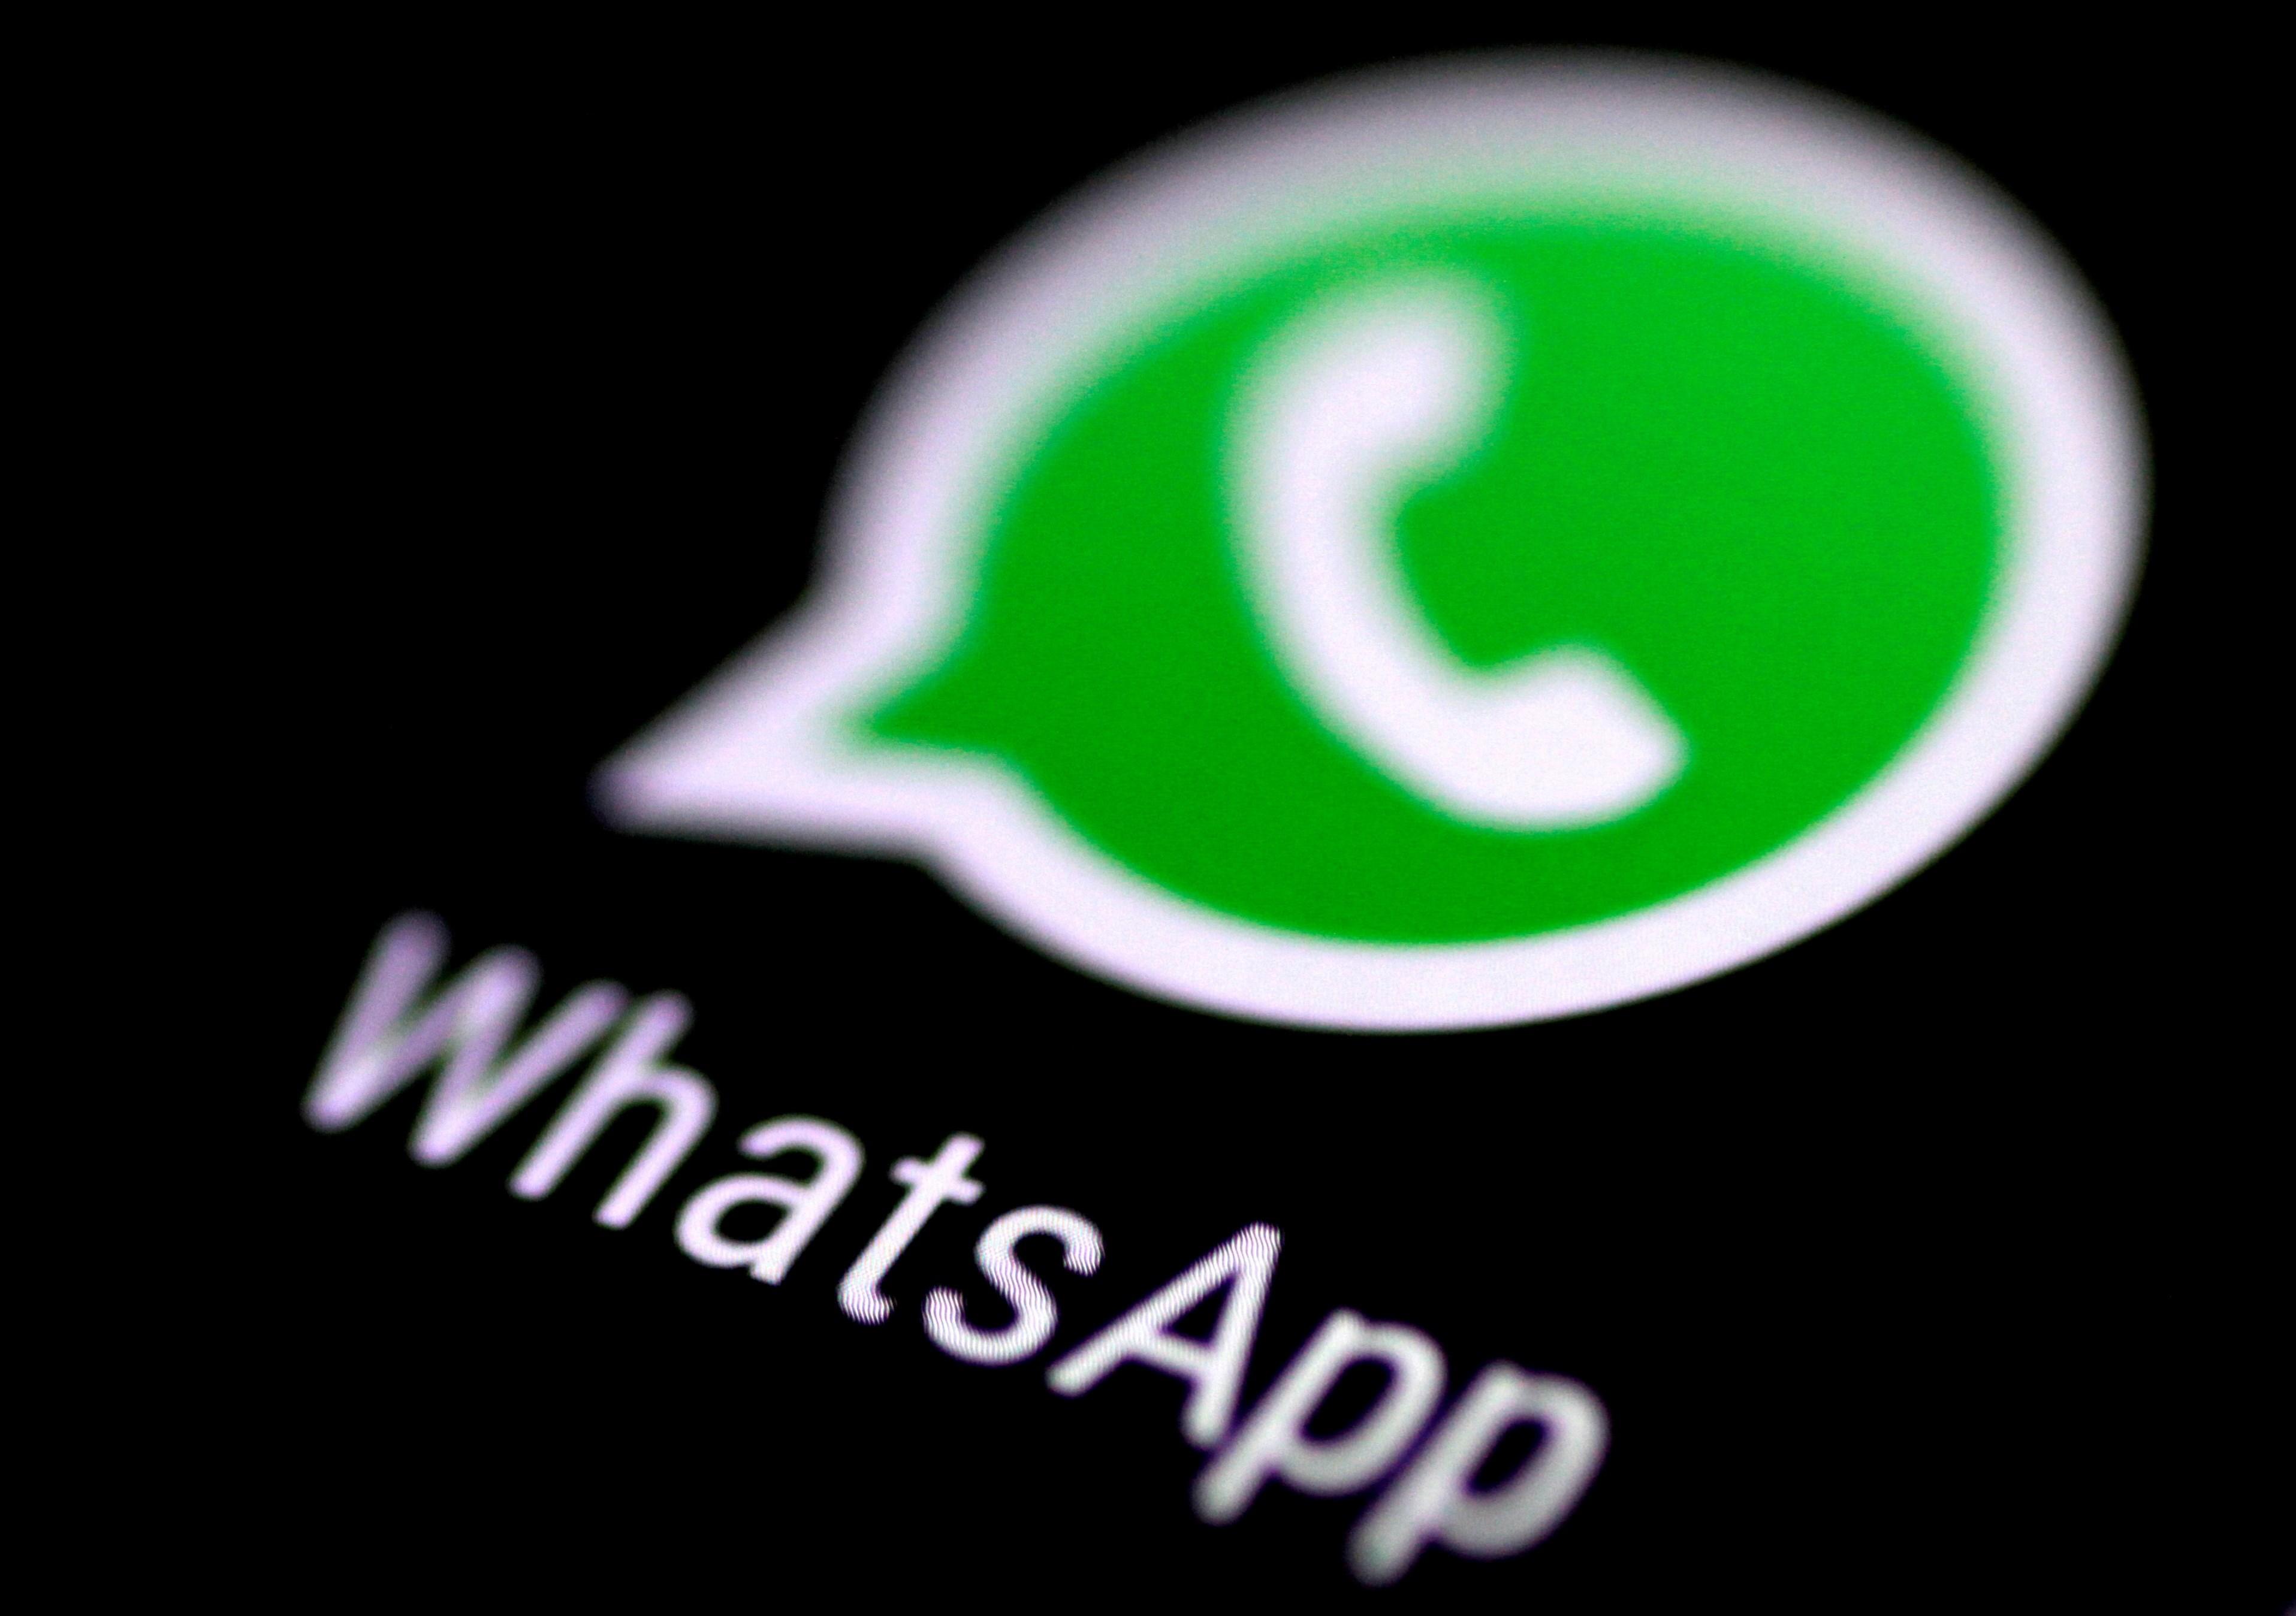 Unirse a videollamadas iniciadas en WhatsApp ya es posible